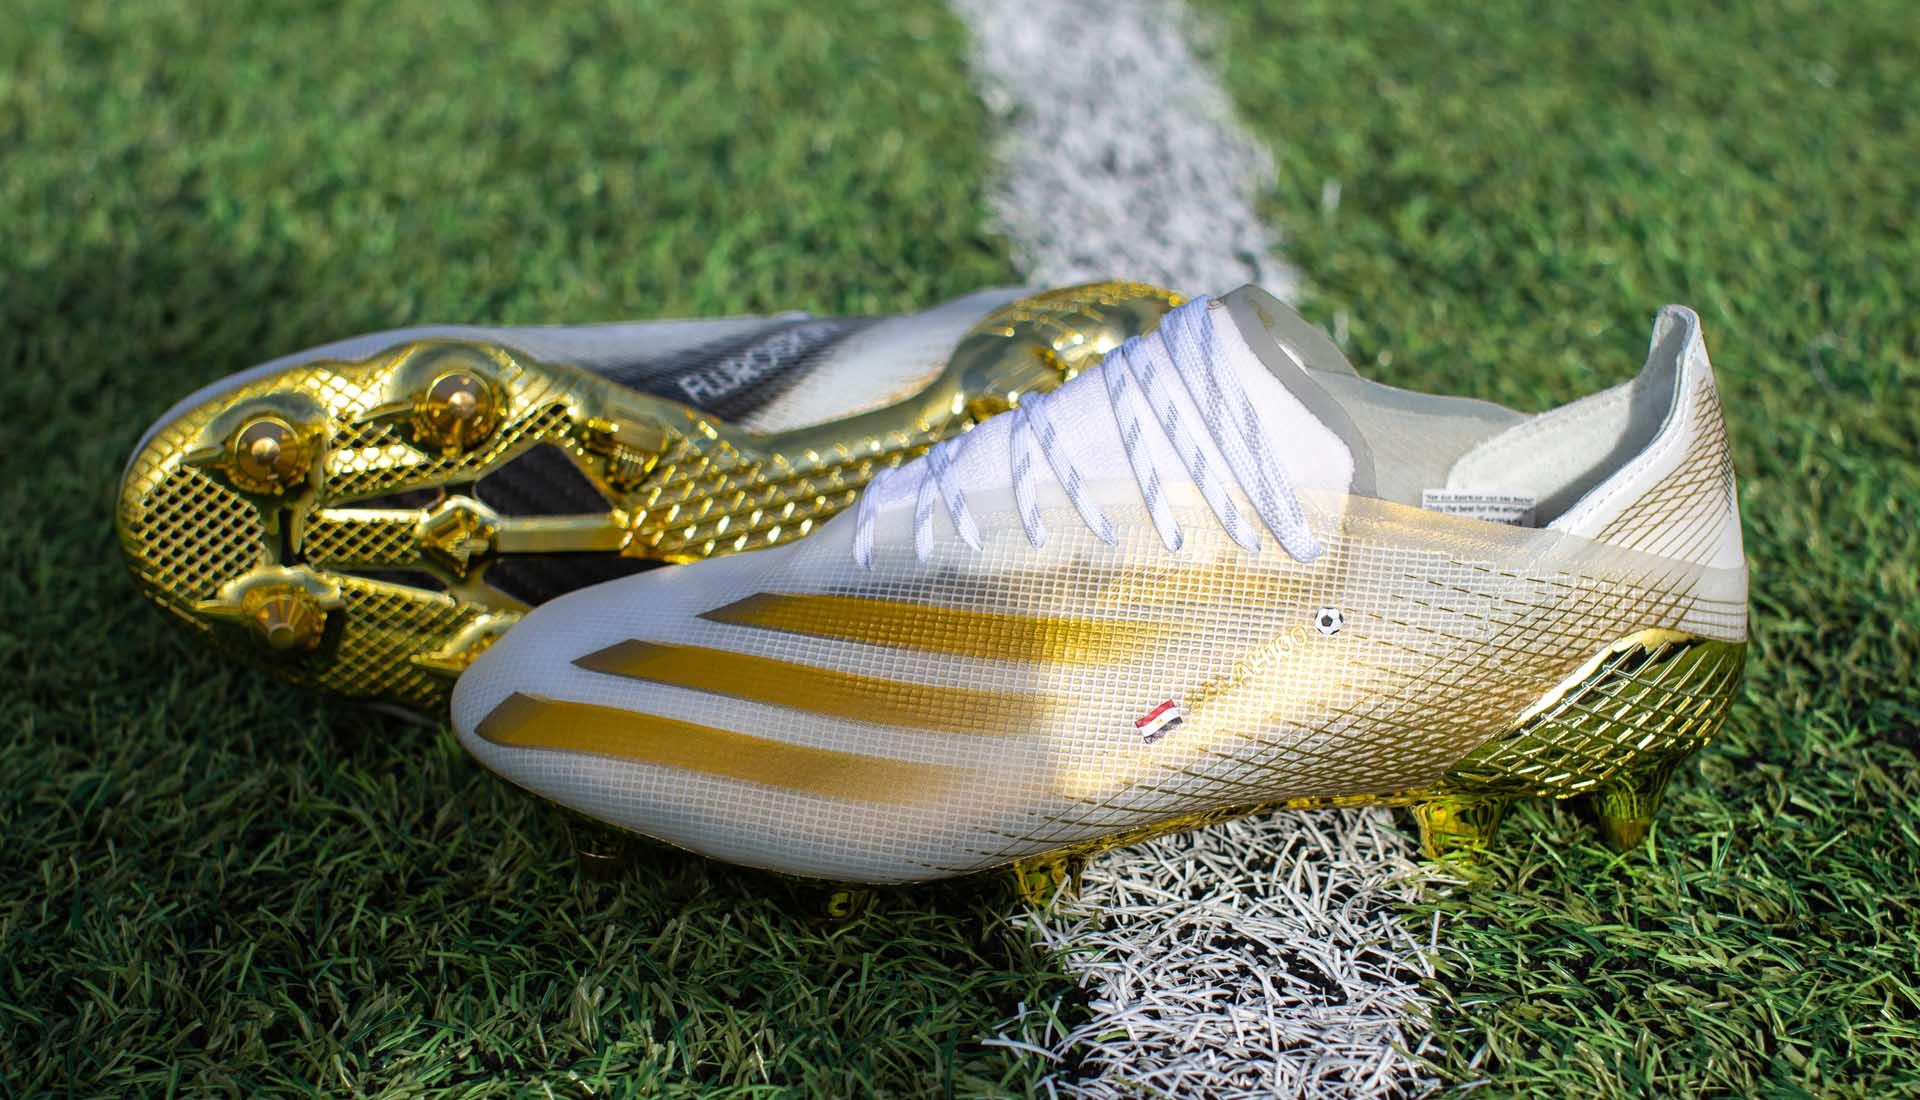 Mẫu giày đá bóng Adidas thửa riêng cho Mohamed Salah với thiết kế đẹp mắt